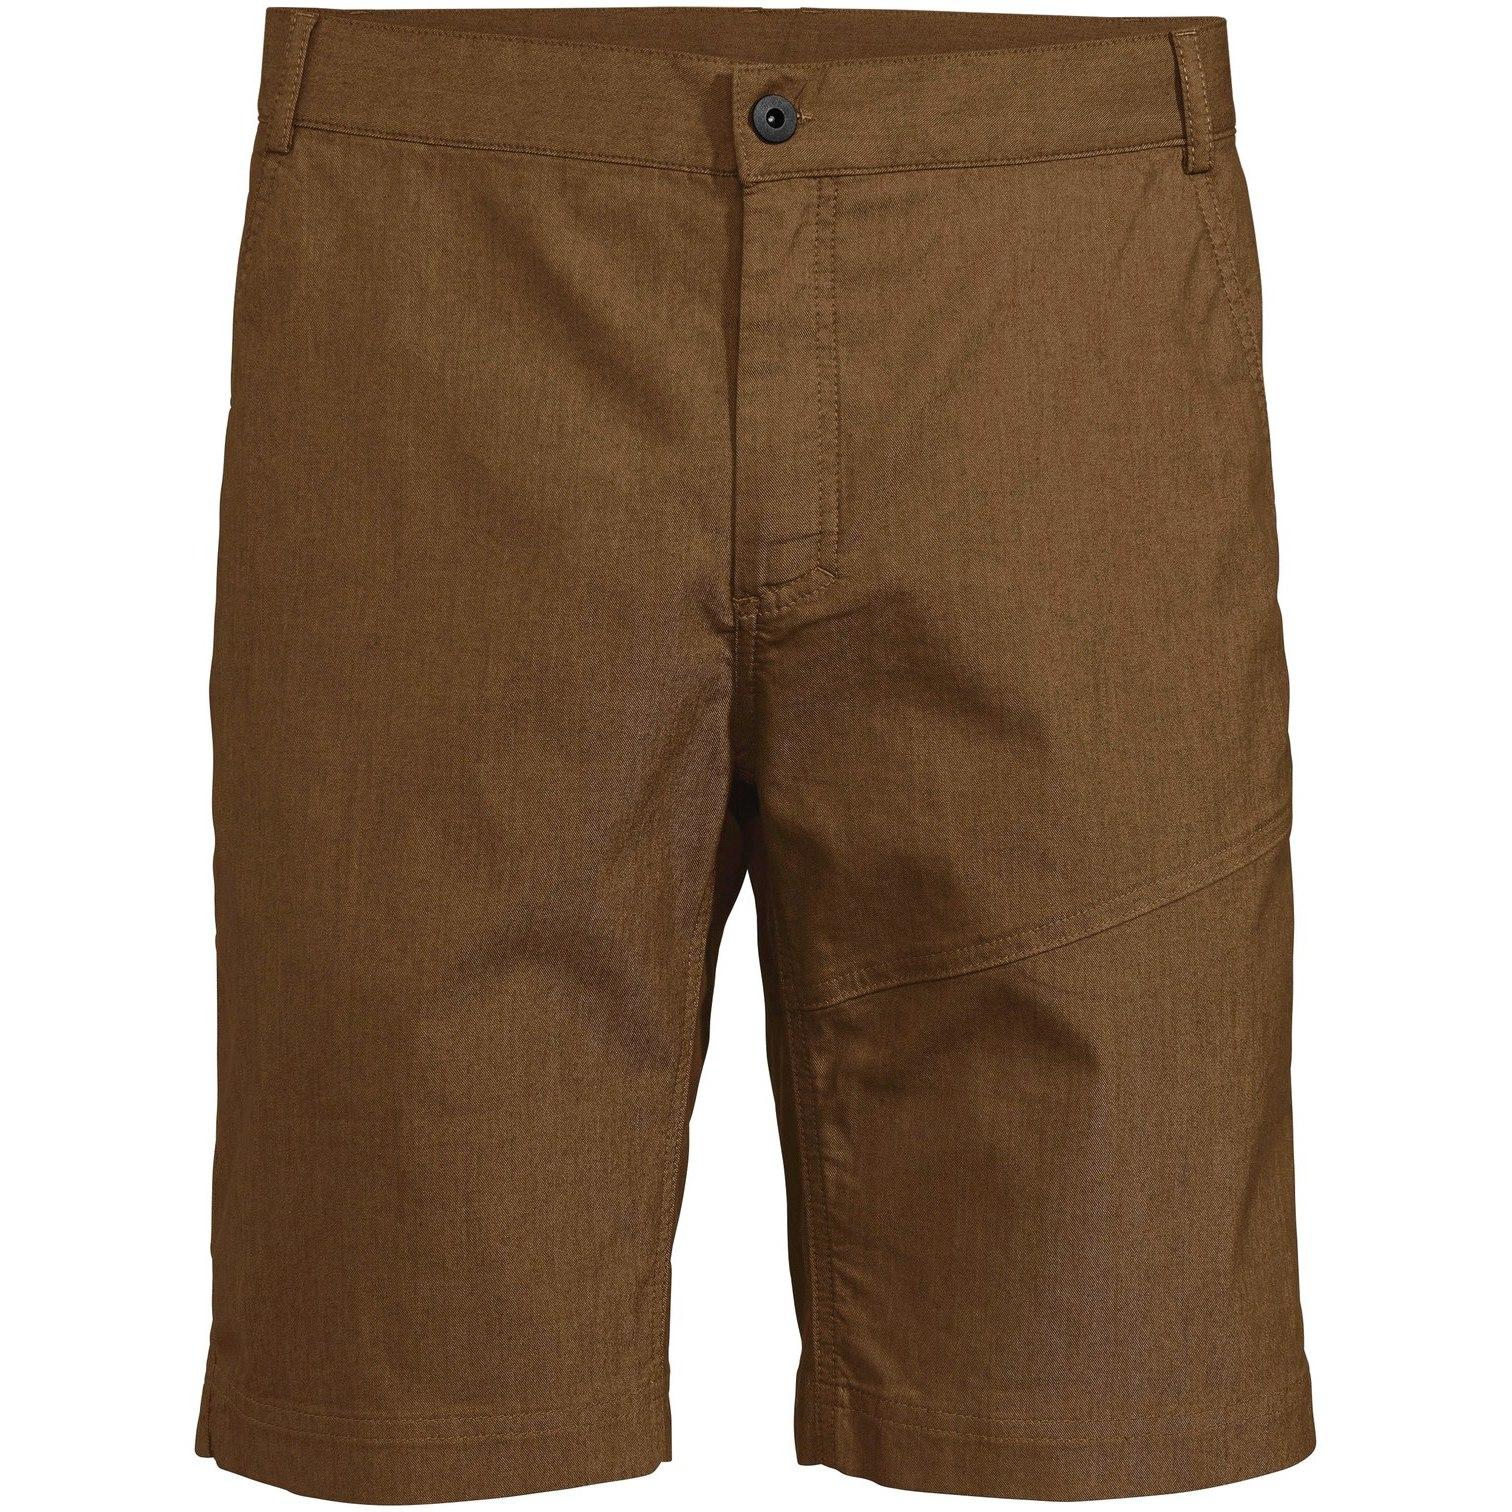 Vaude Redmont Shorts - umbra